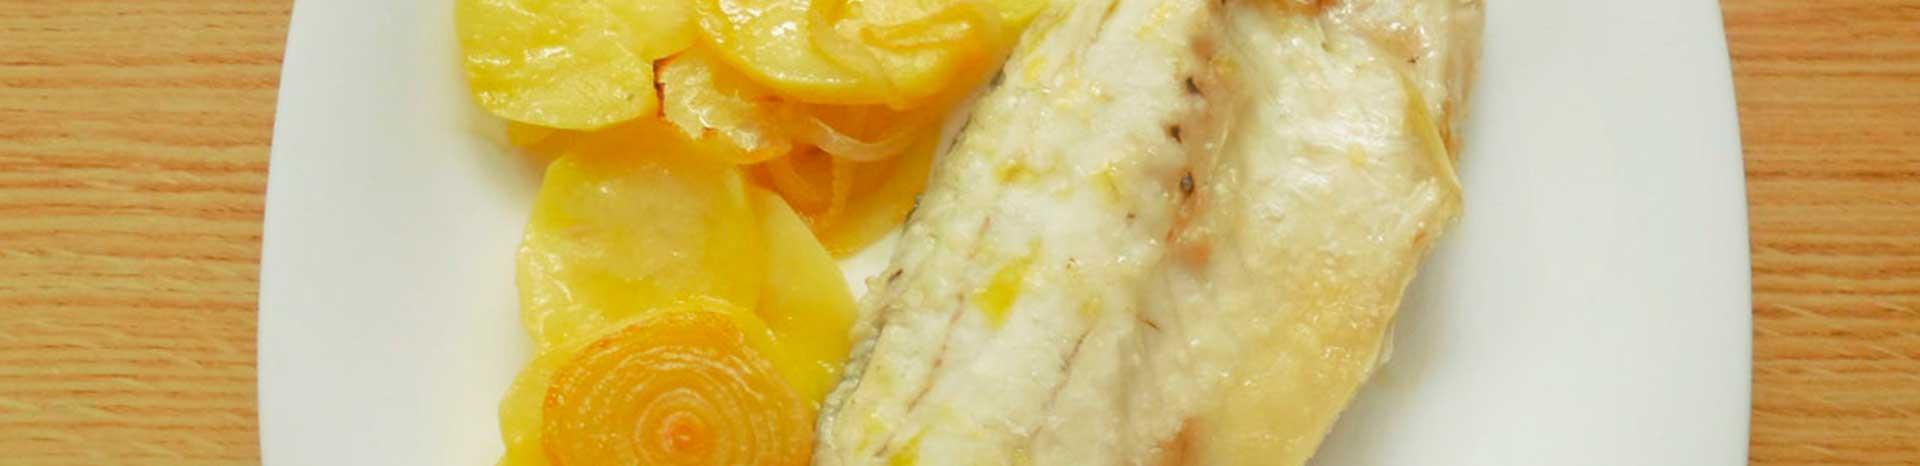 Lubina al horno con patatas 1